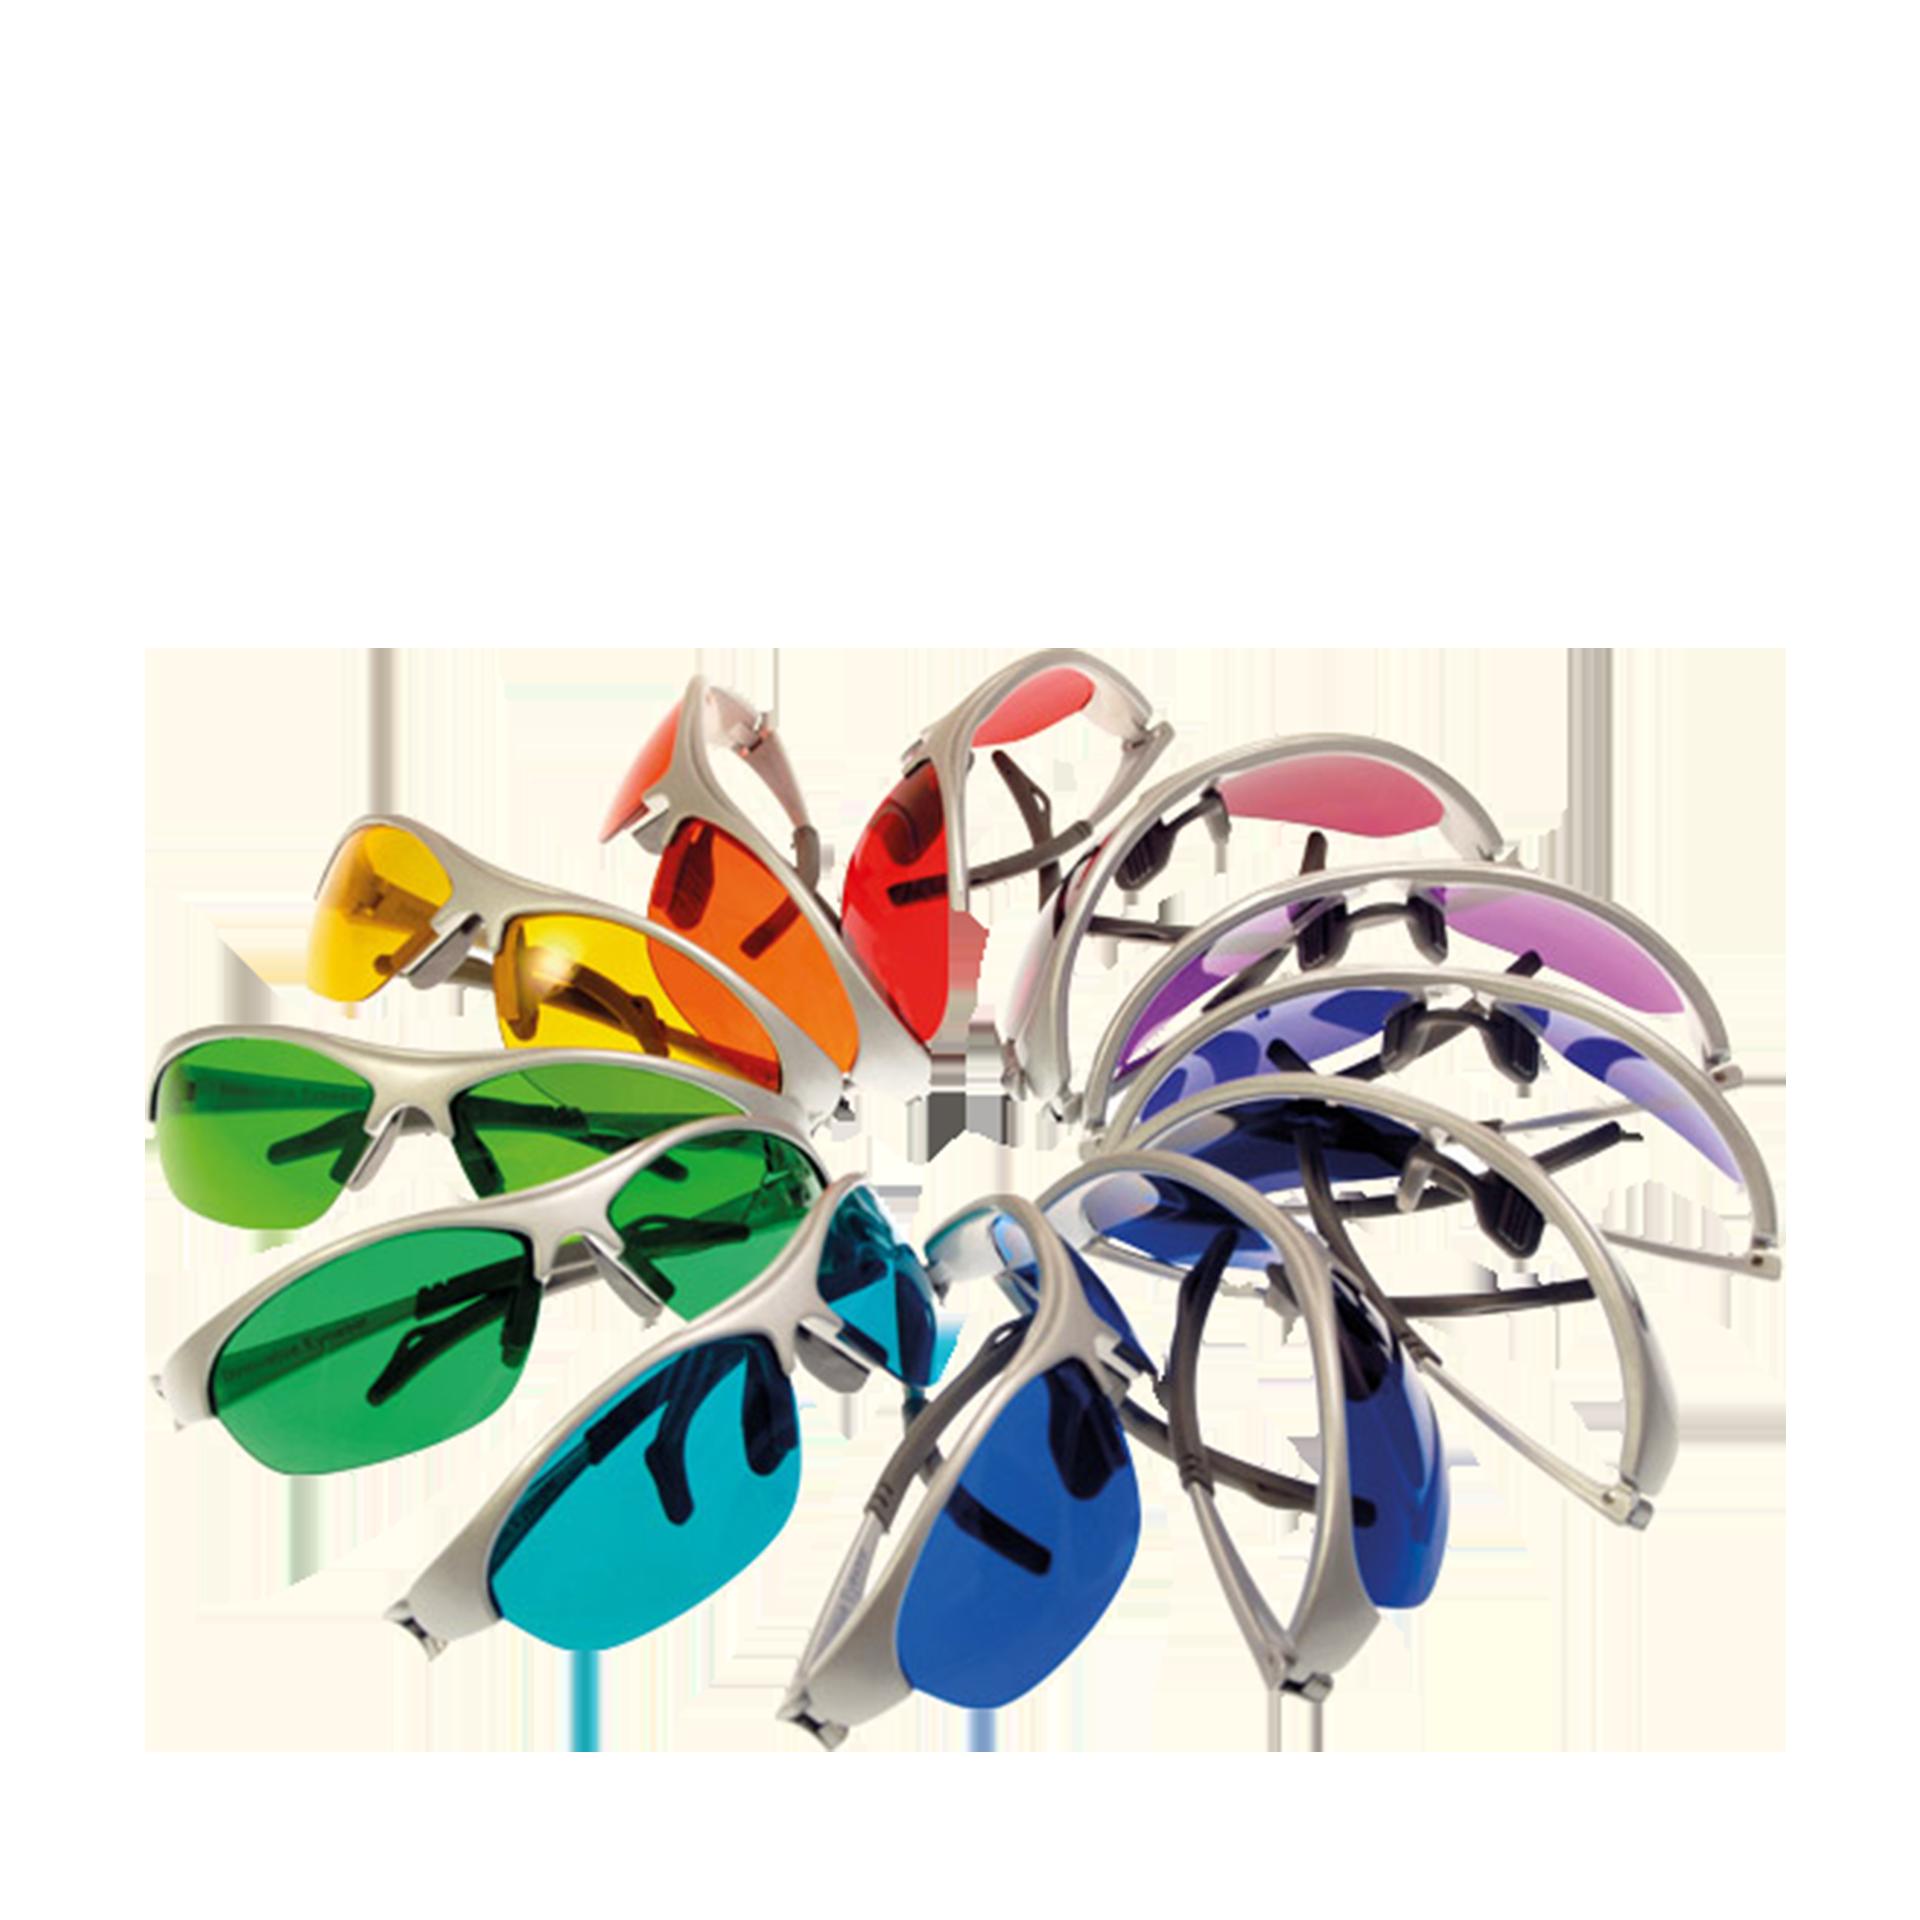 Spektro-Chrom 12 Farbbrillen Komplettset im exklusiven Brillenkoffer